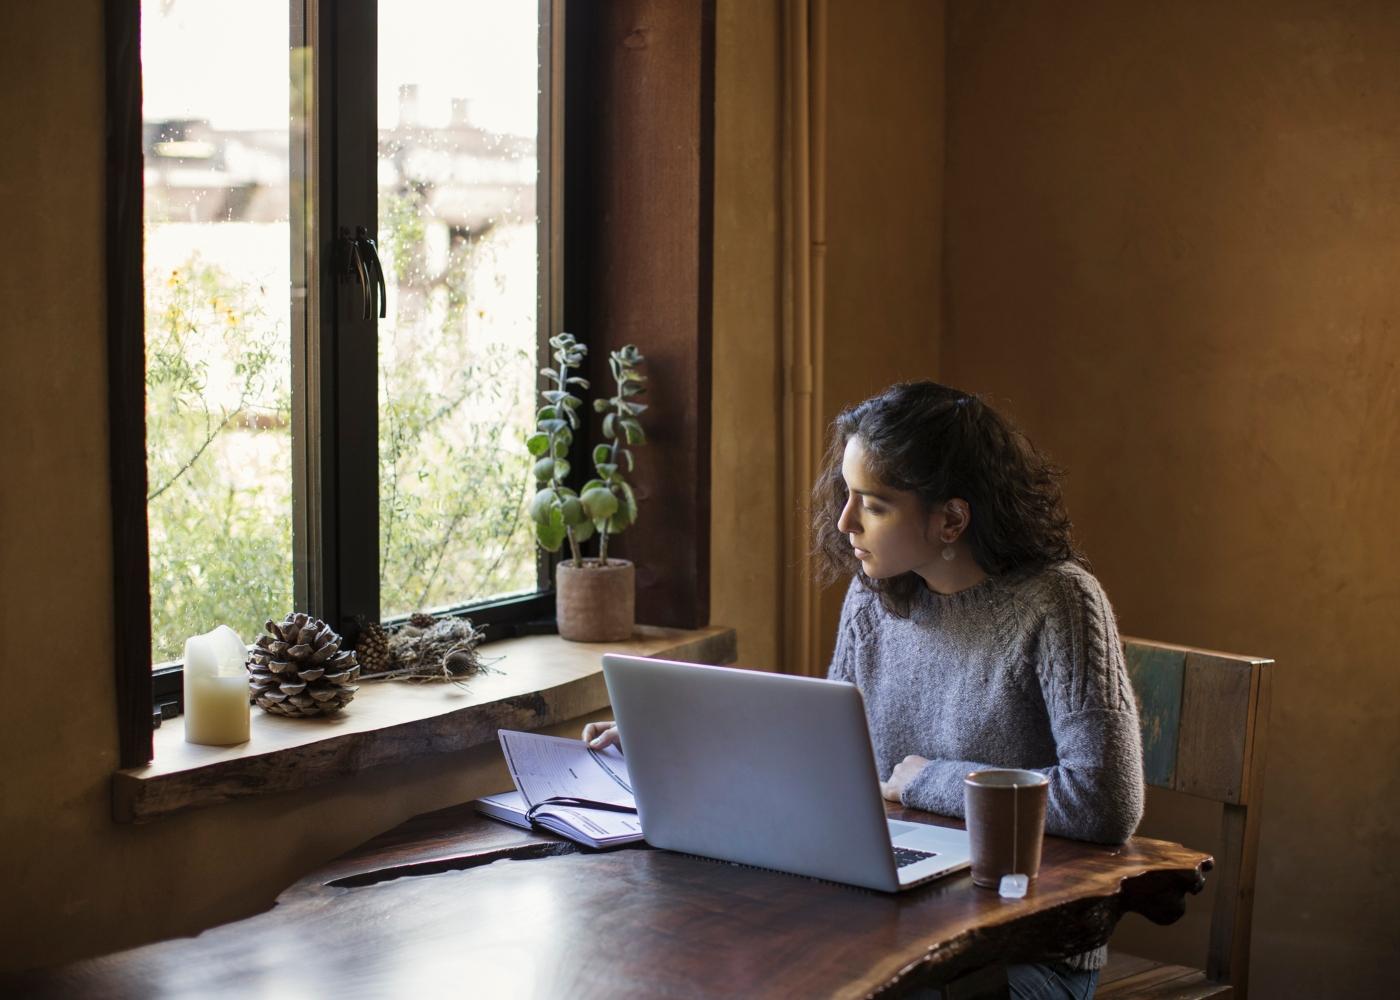 estudante a estudar com computador